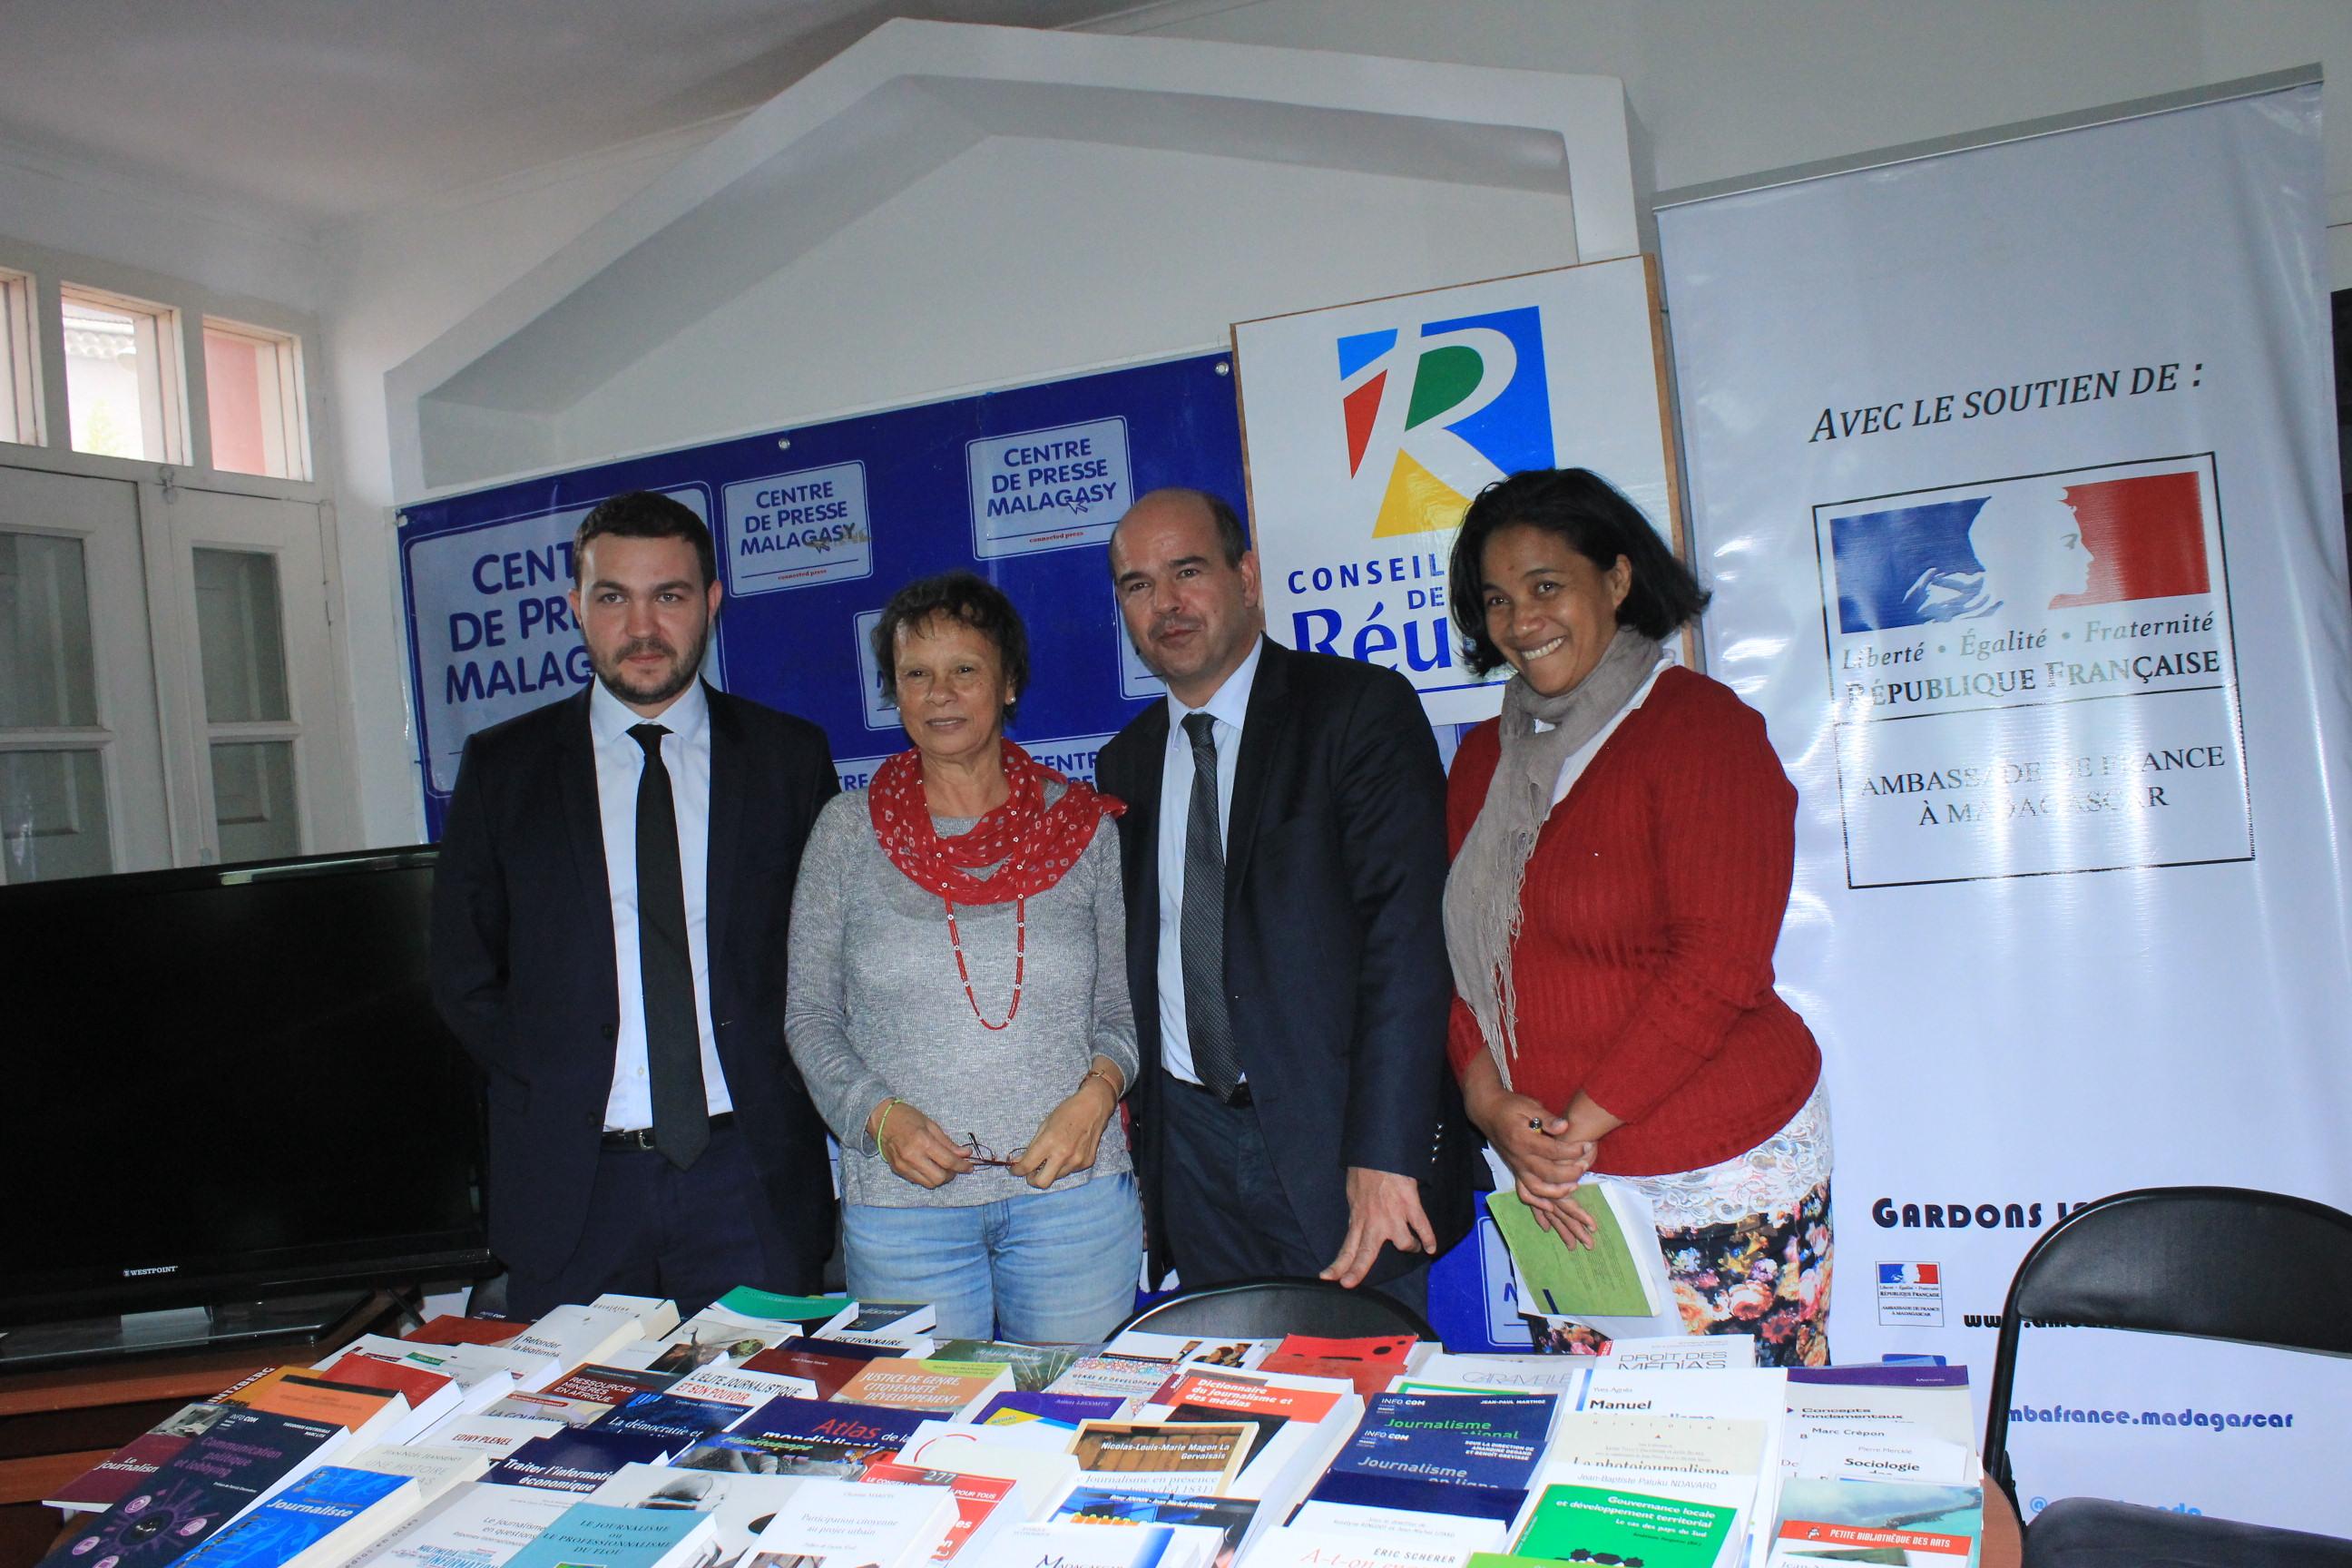 L ambassade de france soutient les activit s du centre de for Chambre de commerce de madagascar